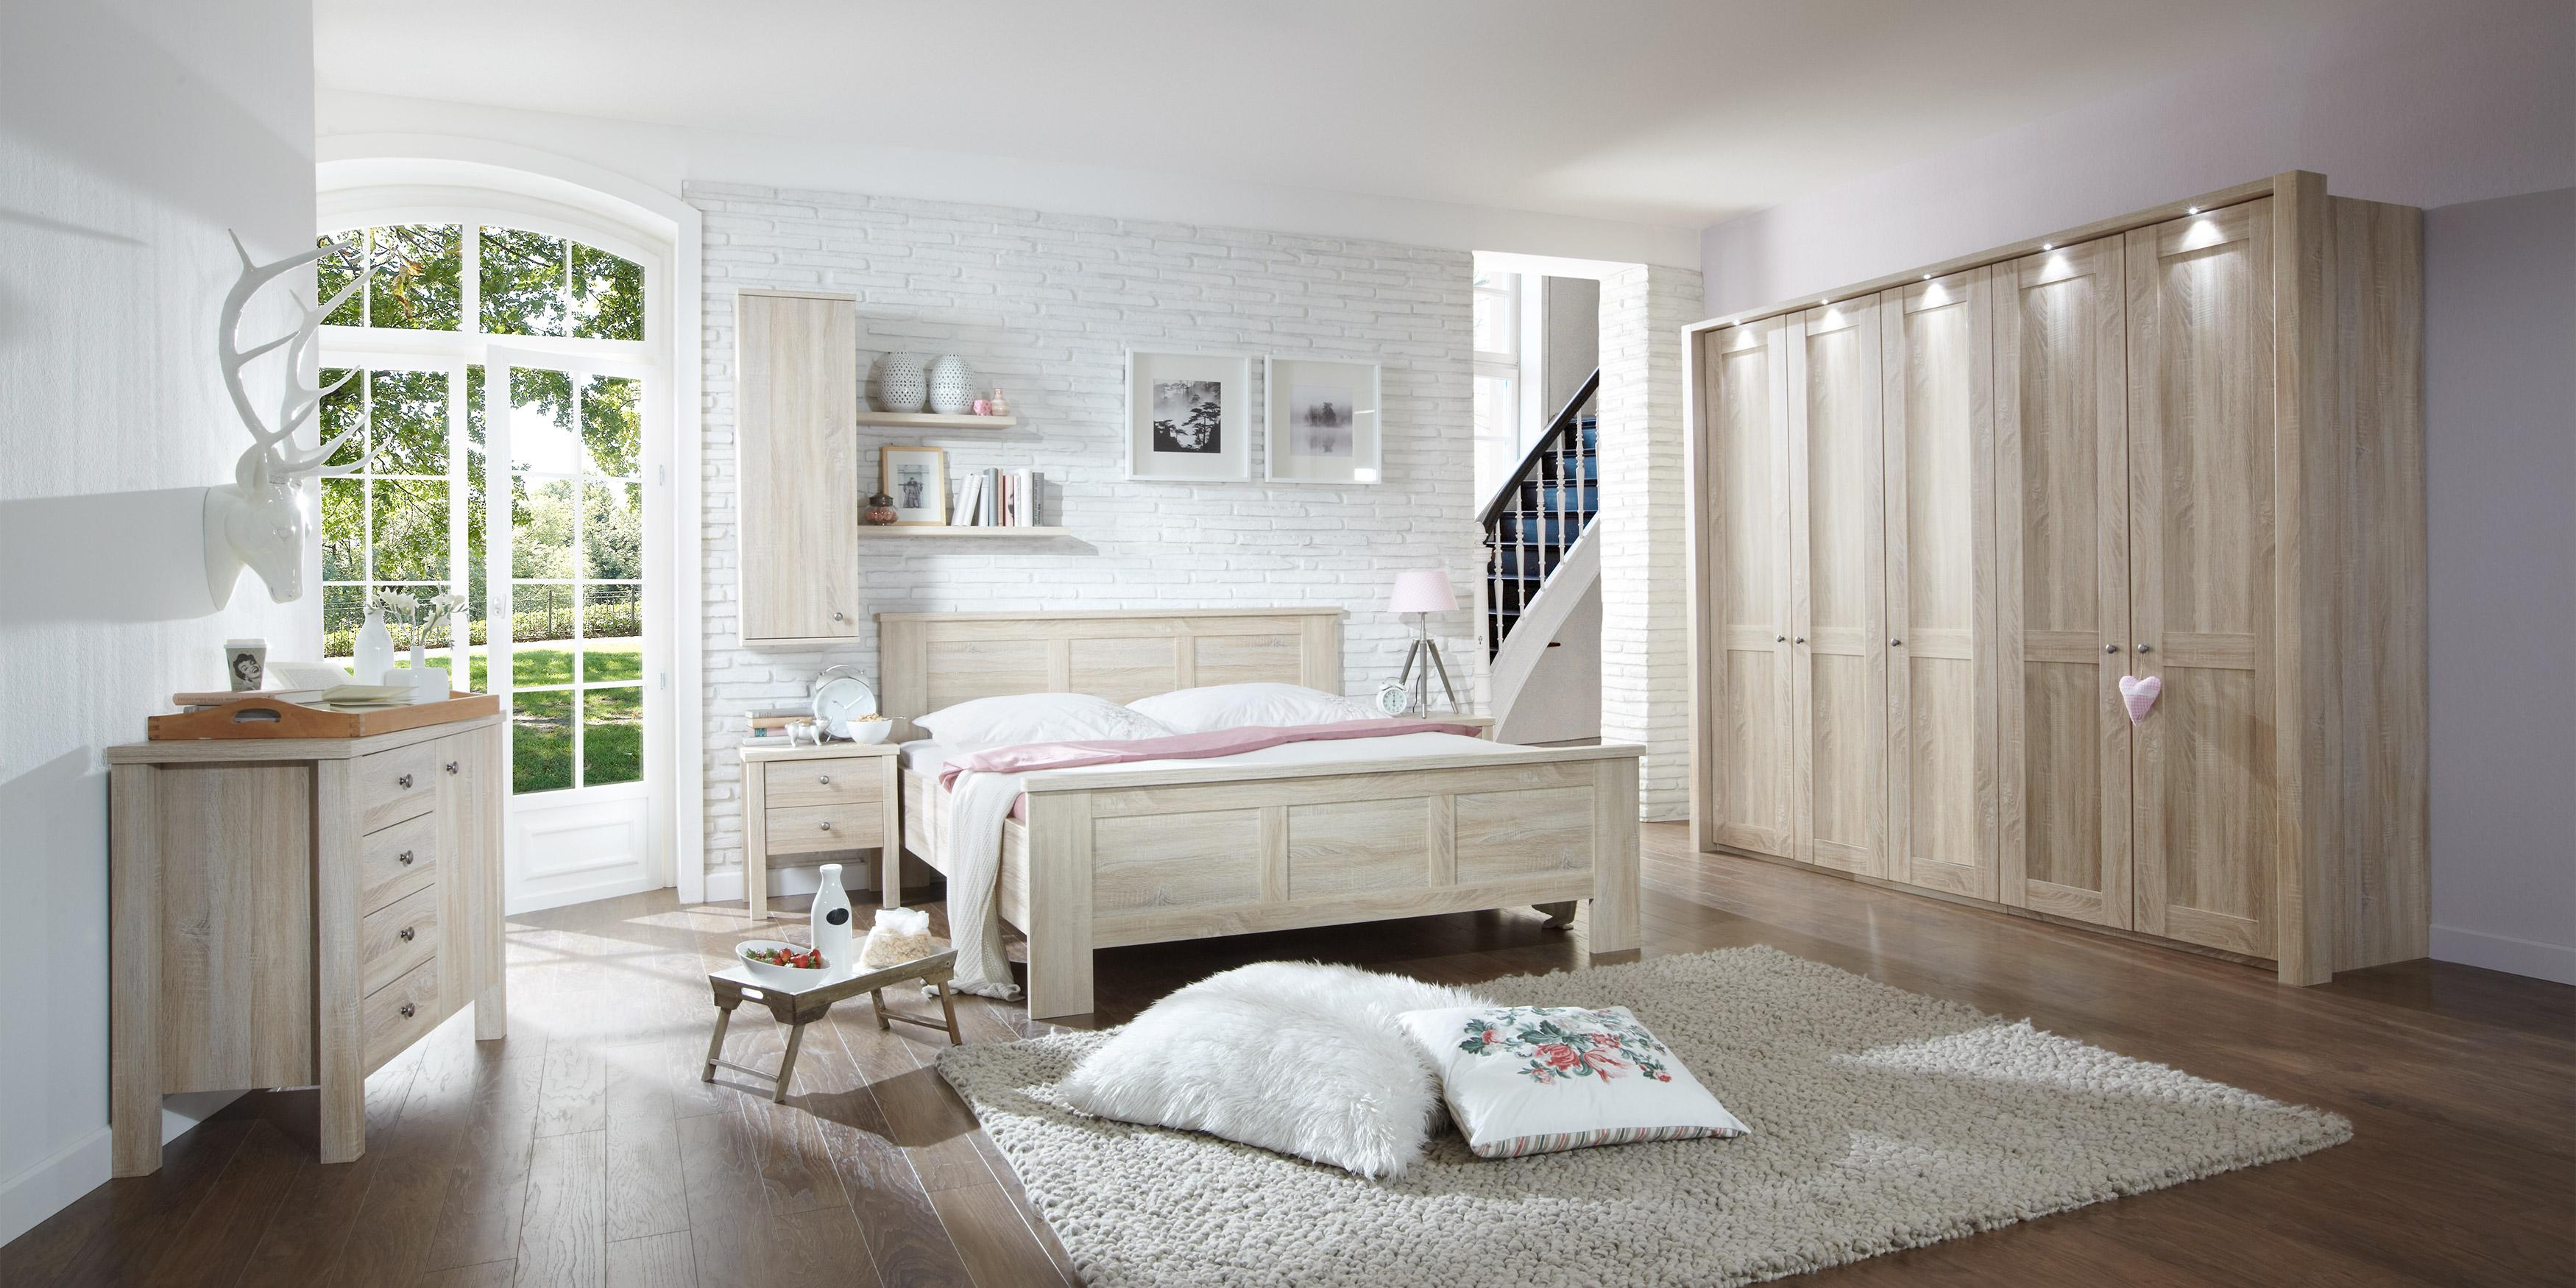 wandschrank shabby. Black Bedroom Furniture Sets. Home Design Ideas